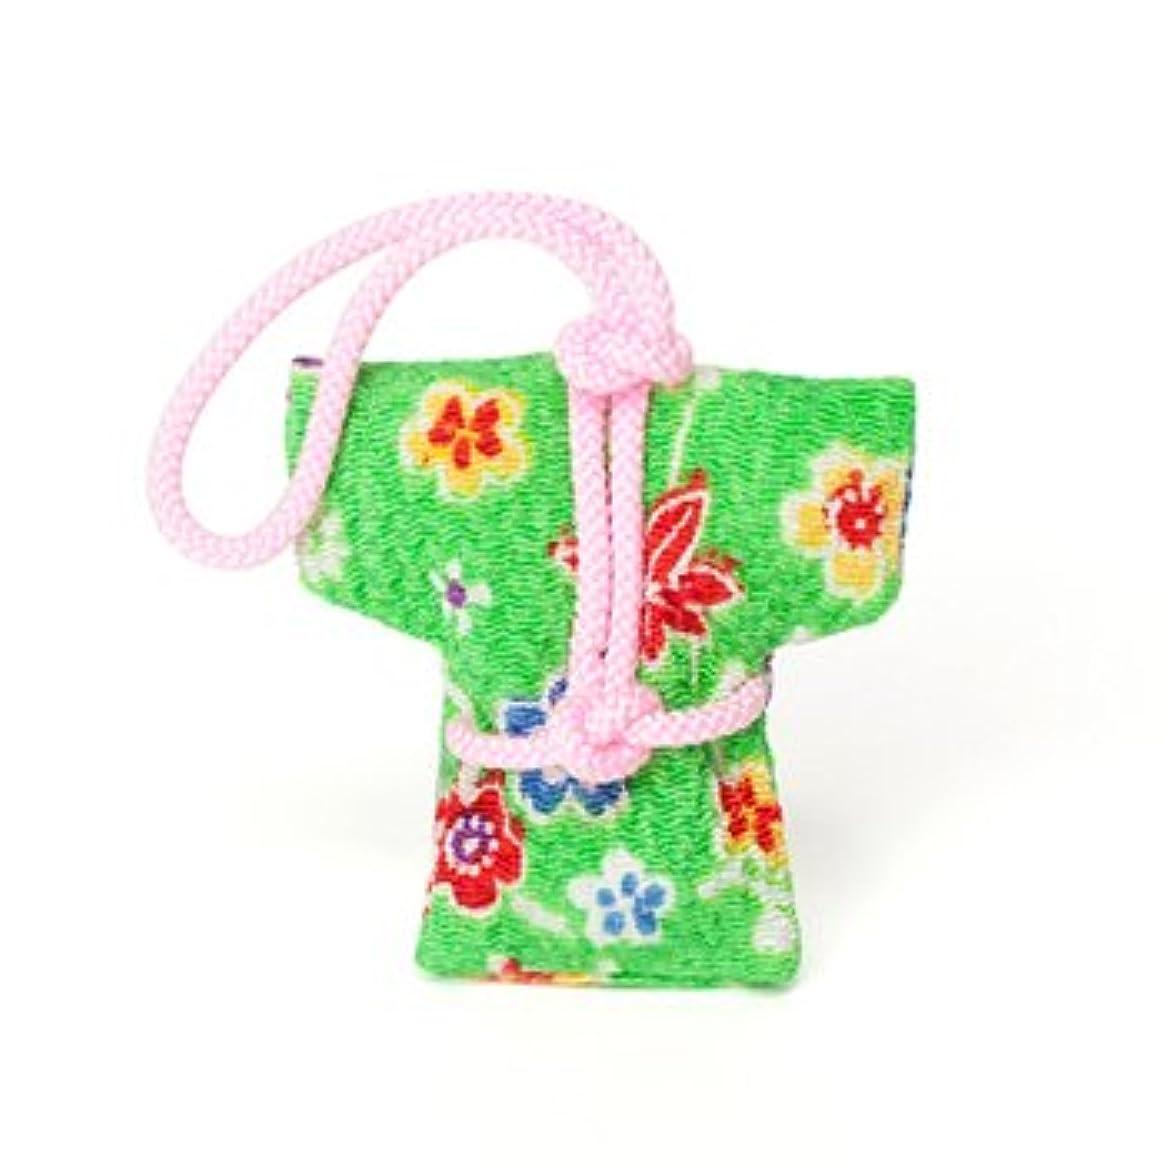 記念品プラスチック守銭奴匂い袋 誰が袖 やっこさん 1個入 ケースなし (色?柄は選べません)